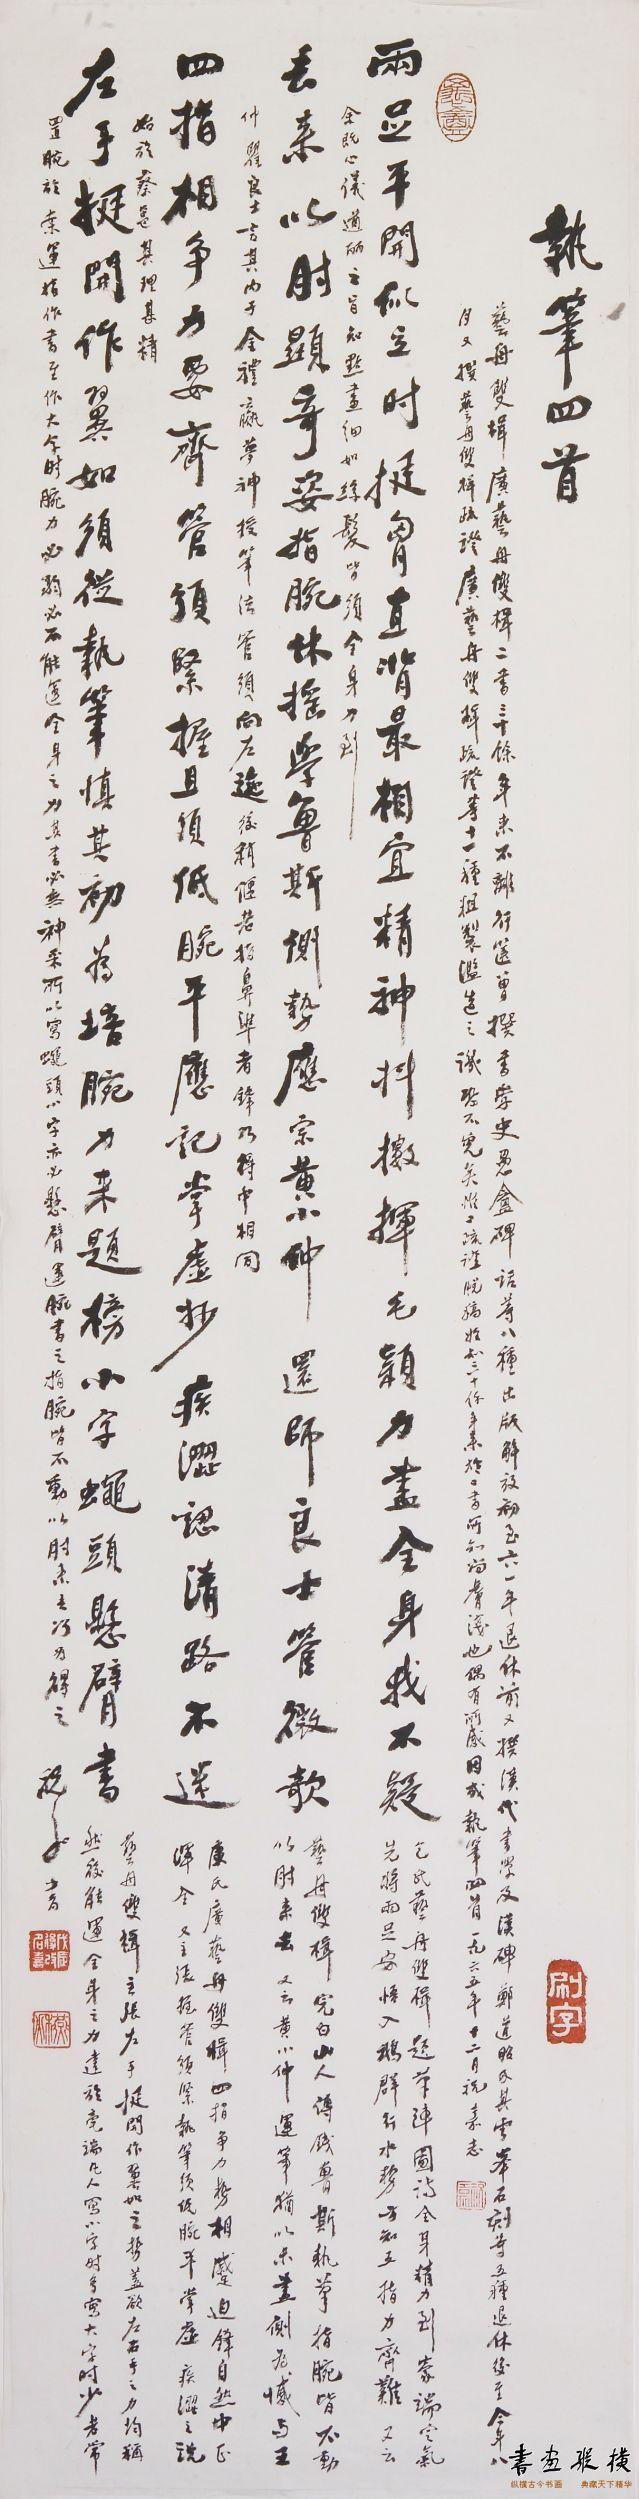 1965年行书自作诗《执笔四首》